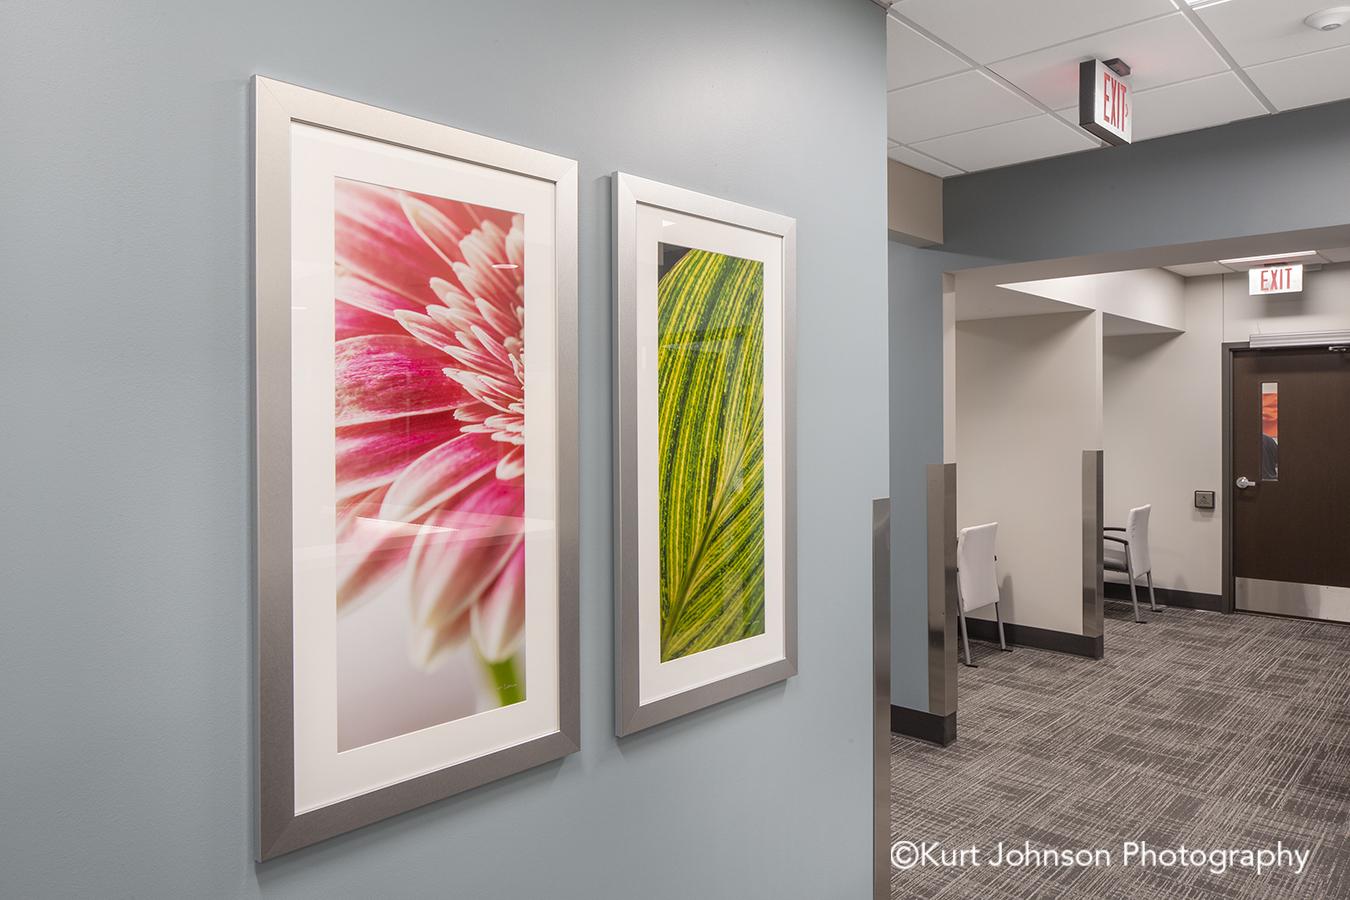 framed art silver frame white matte botanical flower healthcare hospital wall art installation Methodist Jennie Ed